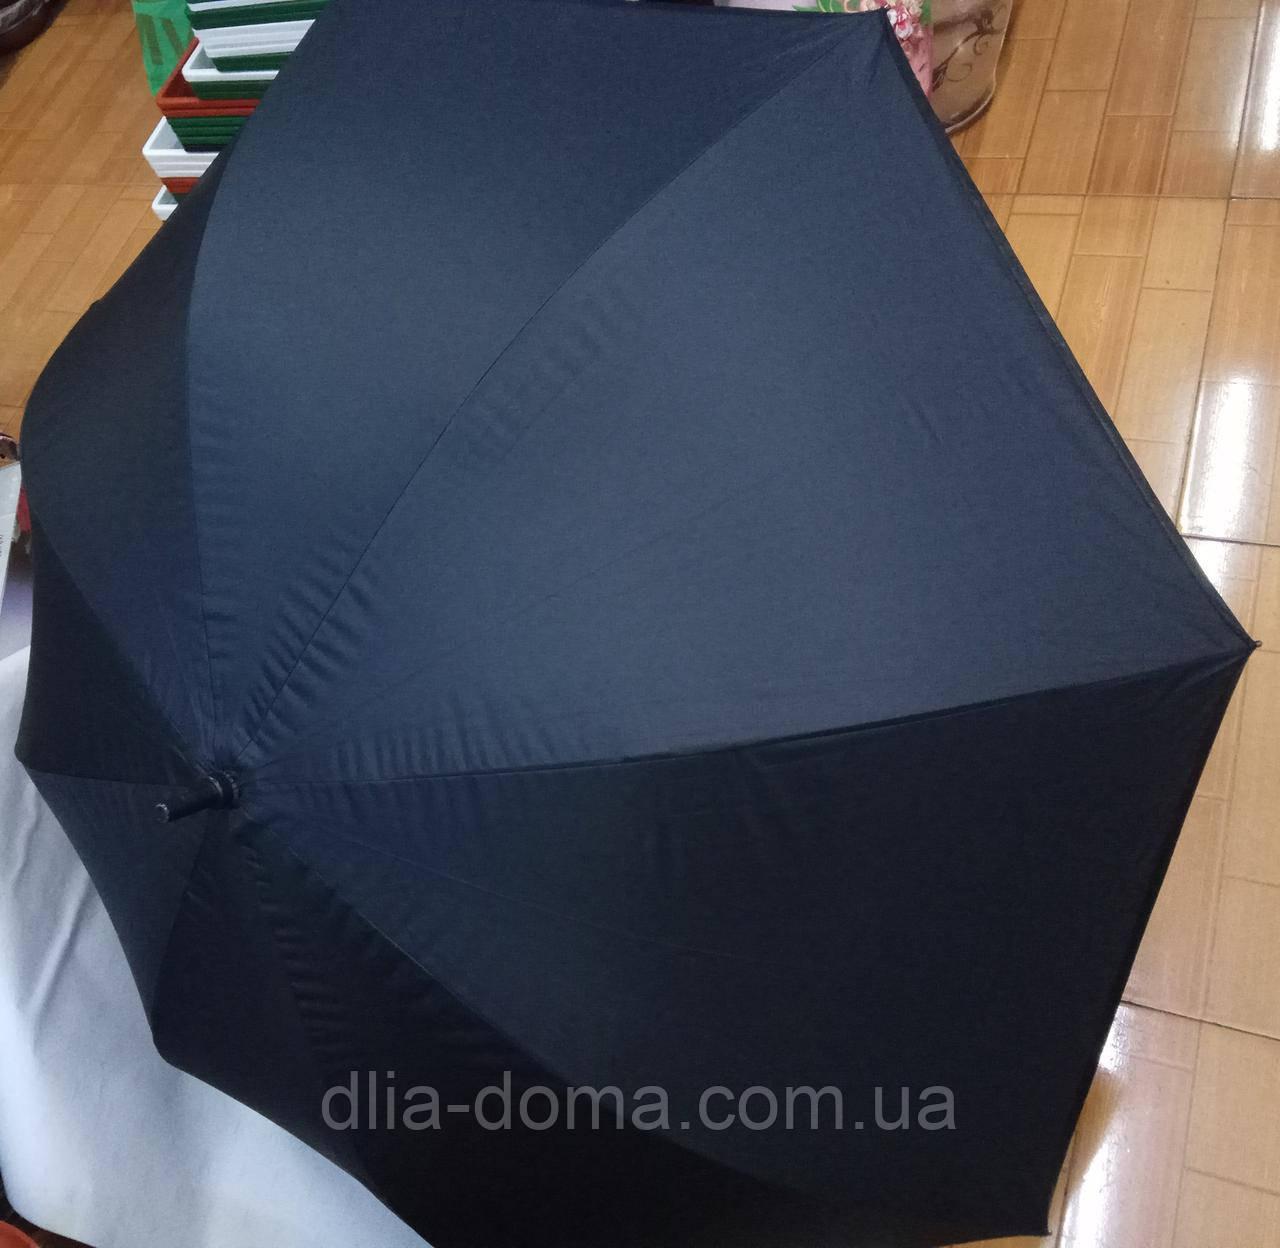 Чоловічий парасольку РОДИНА